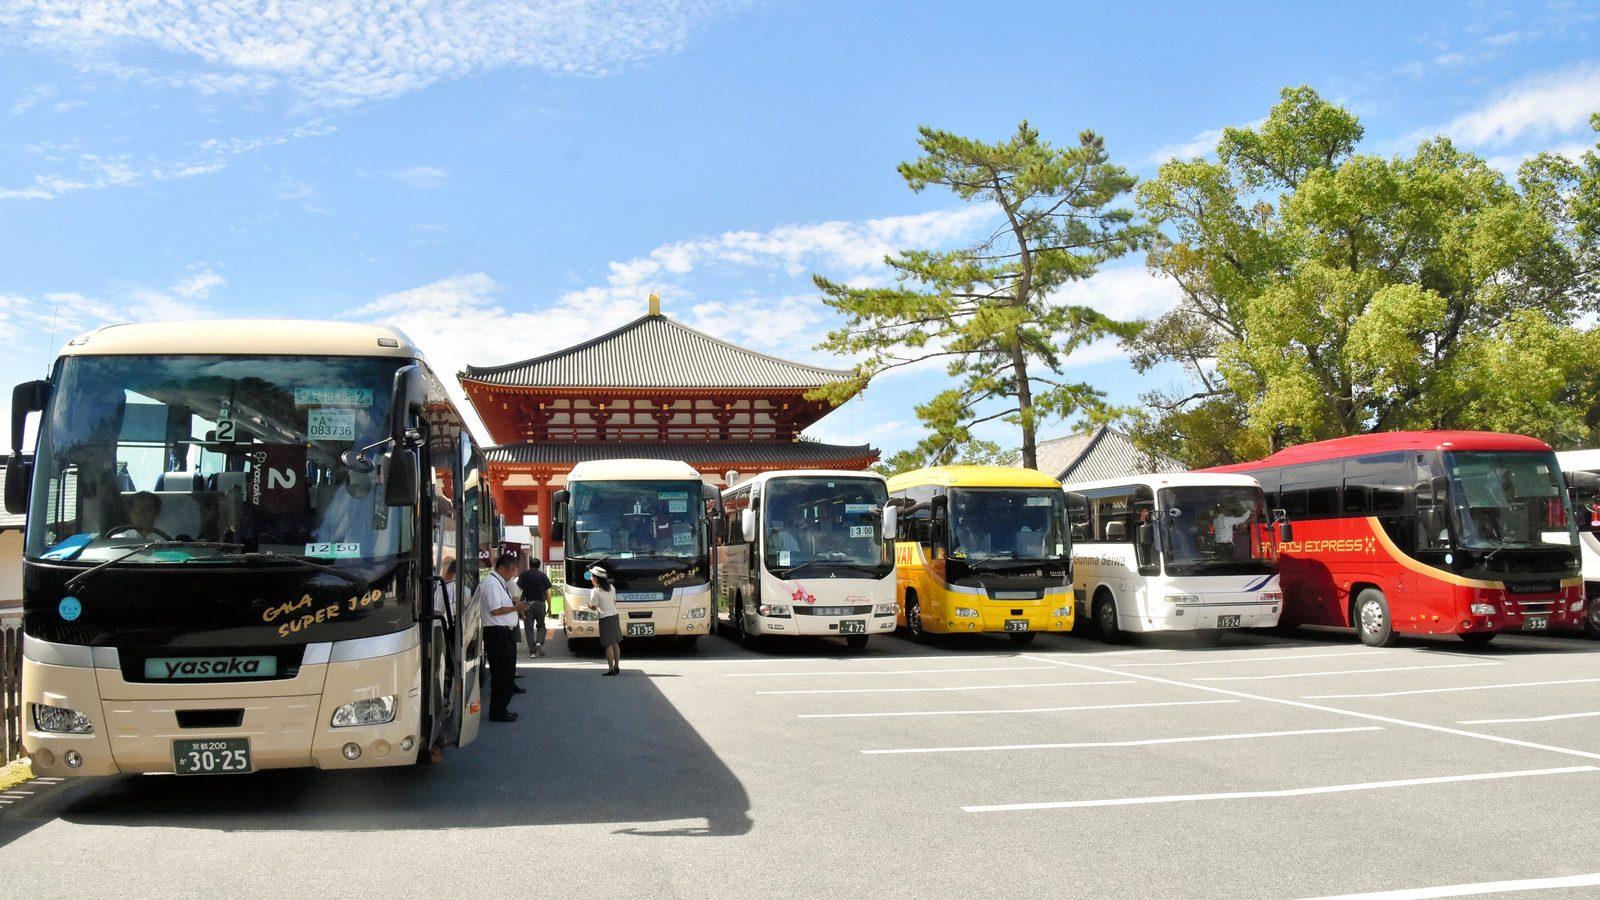 地方を滅ぼす「顧客を見ない」という深刻な病気 奈良公園バスターミナル失敗の理由